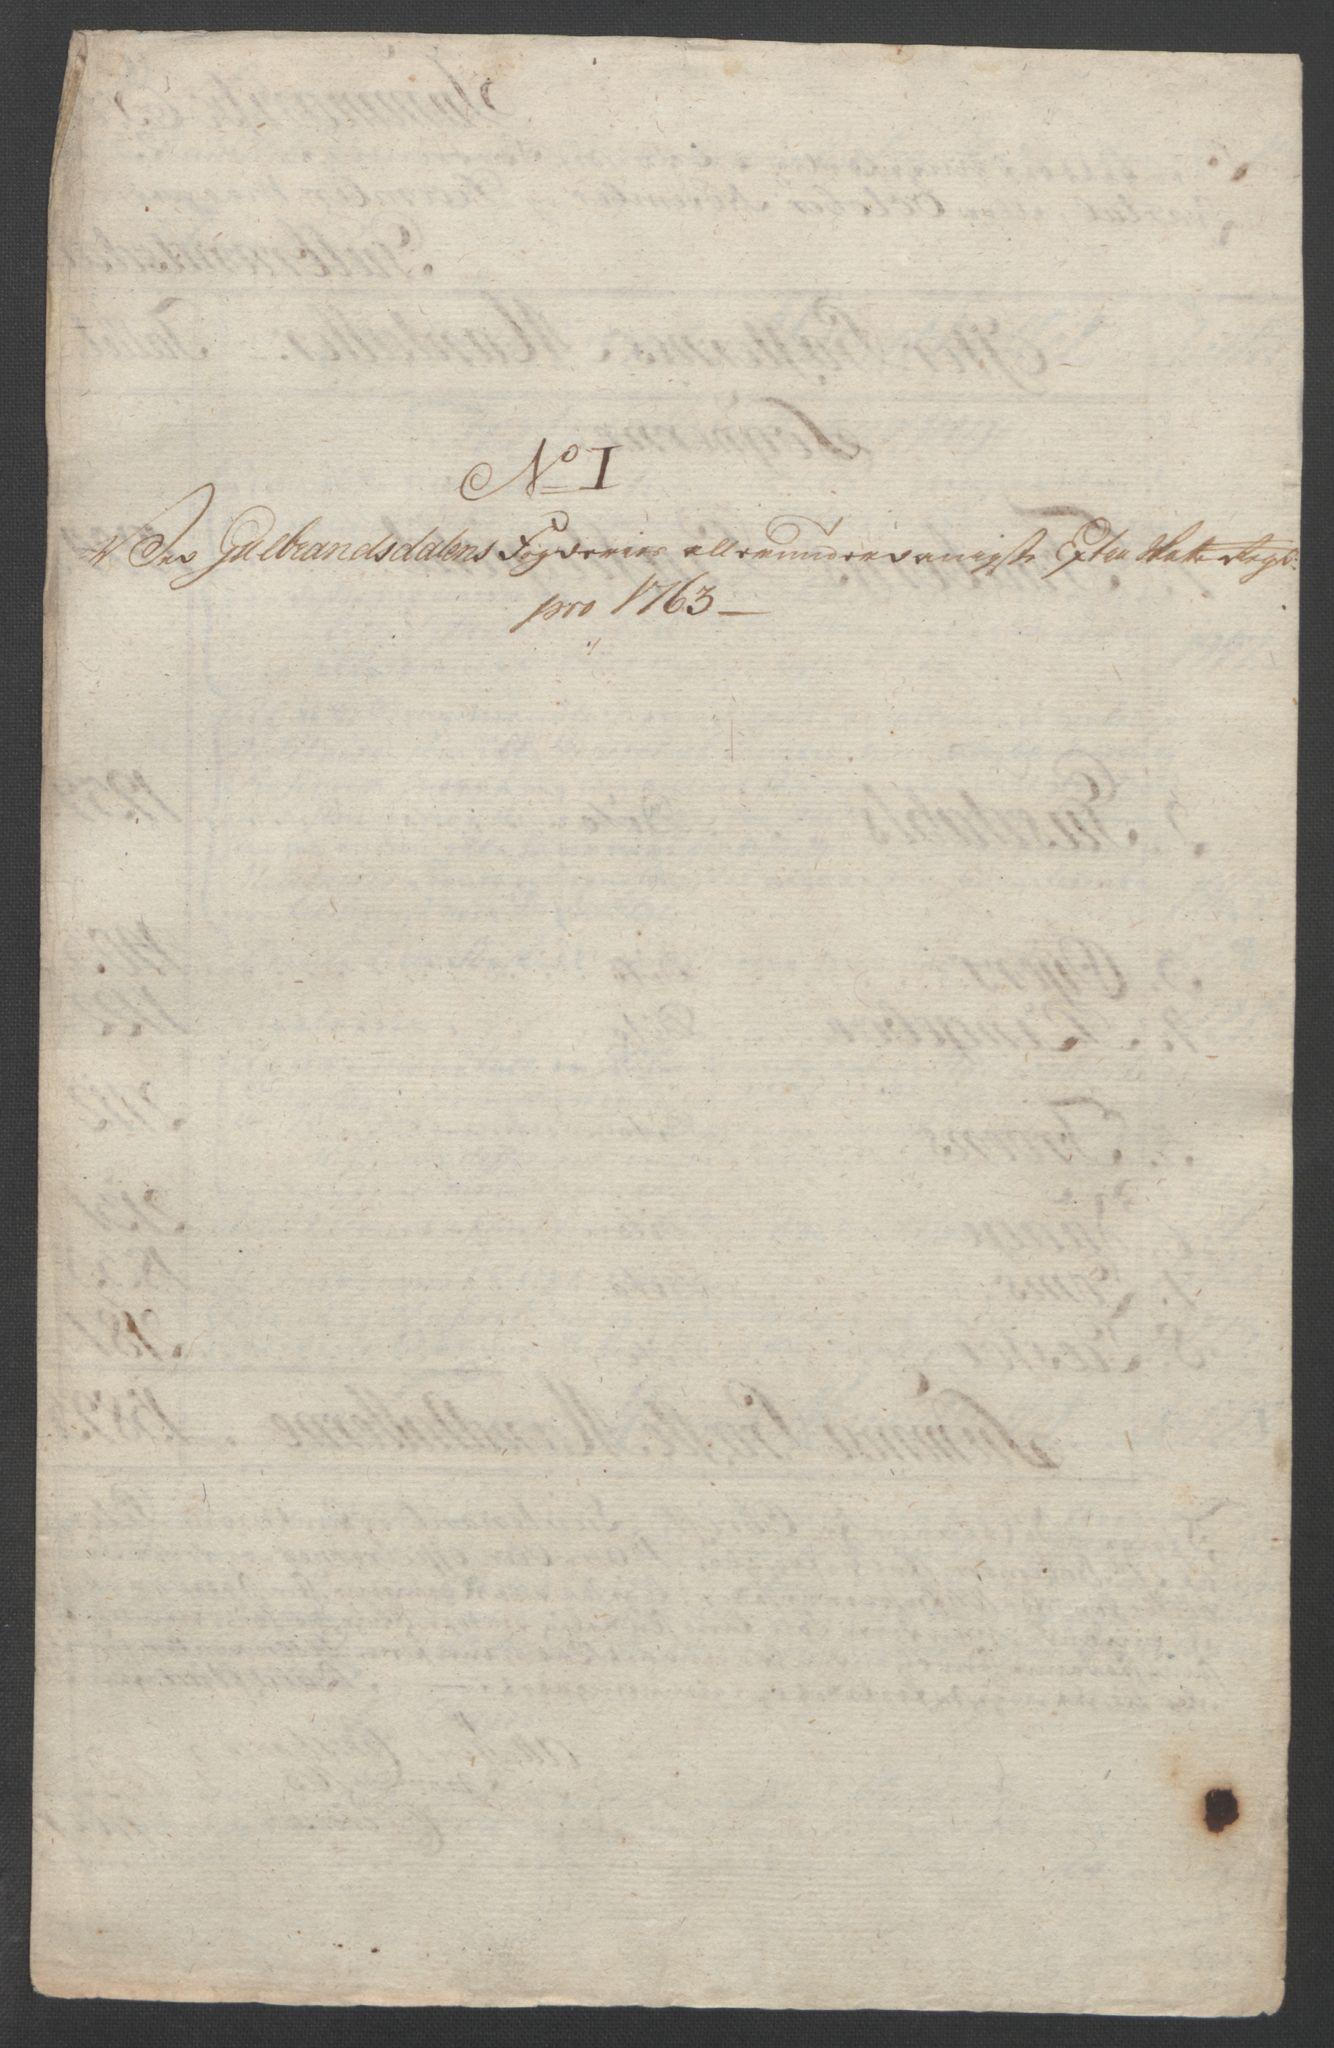 RA, Rentekammeret inntil 1814, Reviderte regnskaper, Fogderegnskap, R17/L1266: Ekstraskatten Gudbrandsdal, 1762-1766, s. 85